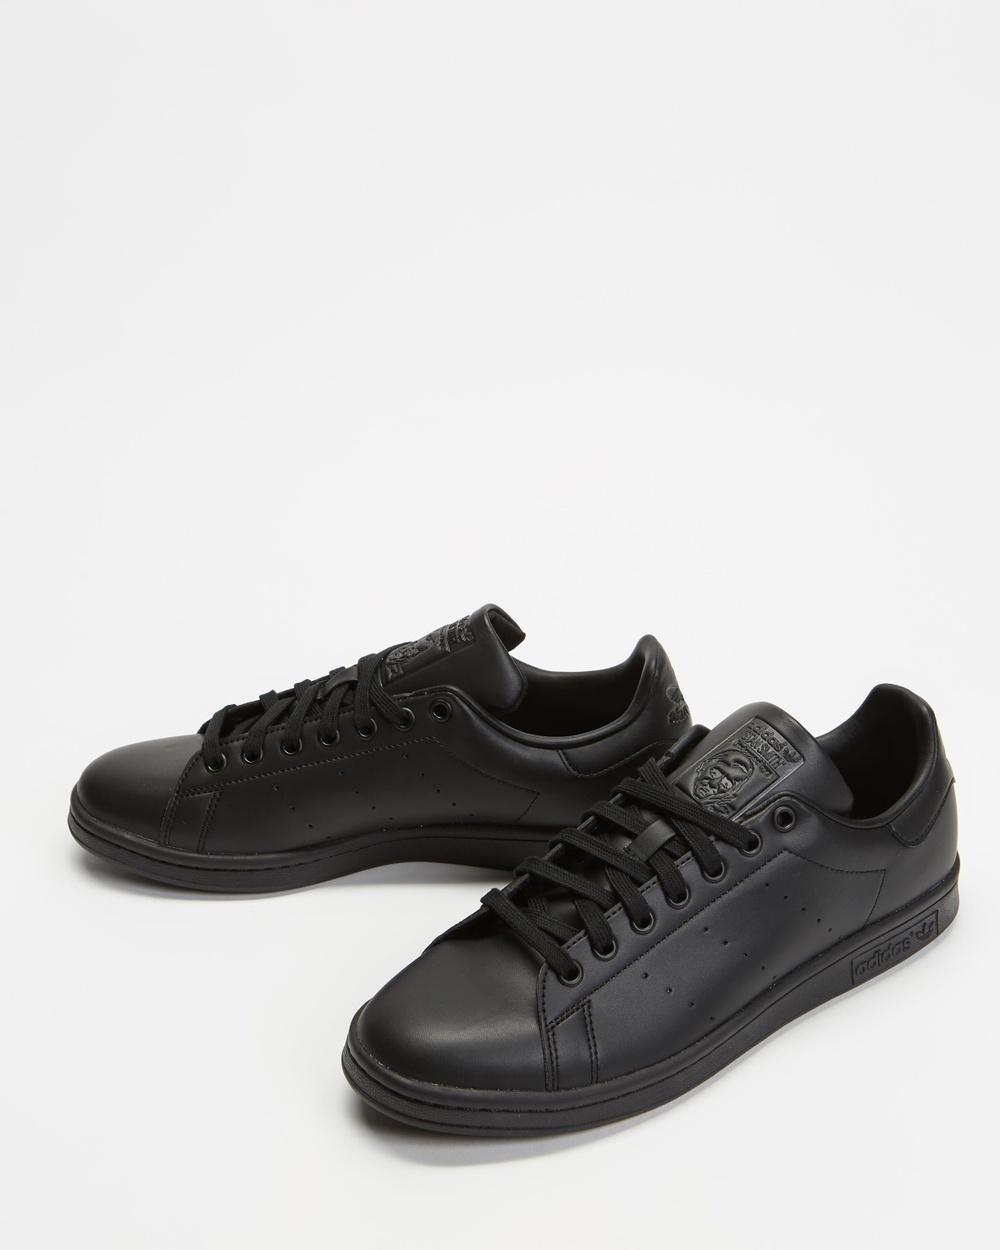 adidas Originals Stan Smith Vegan Unisex Sneakers Core Black